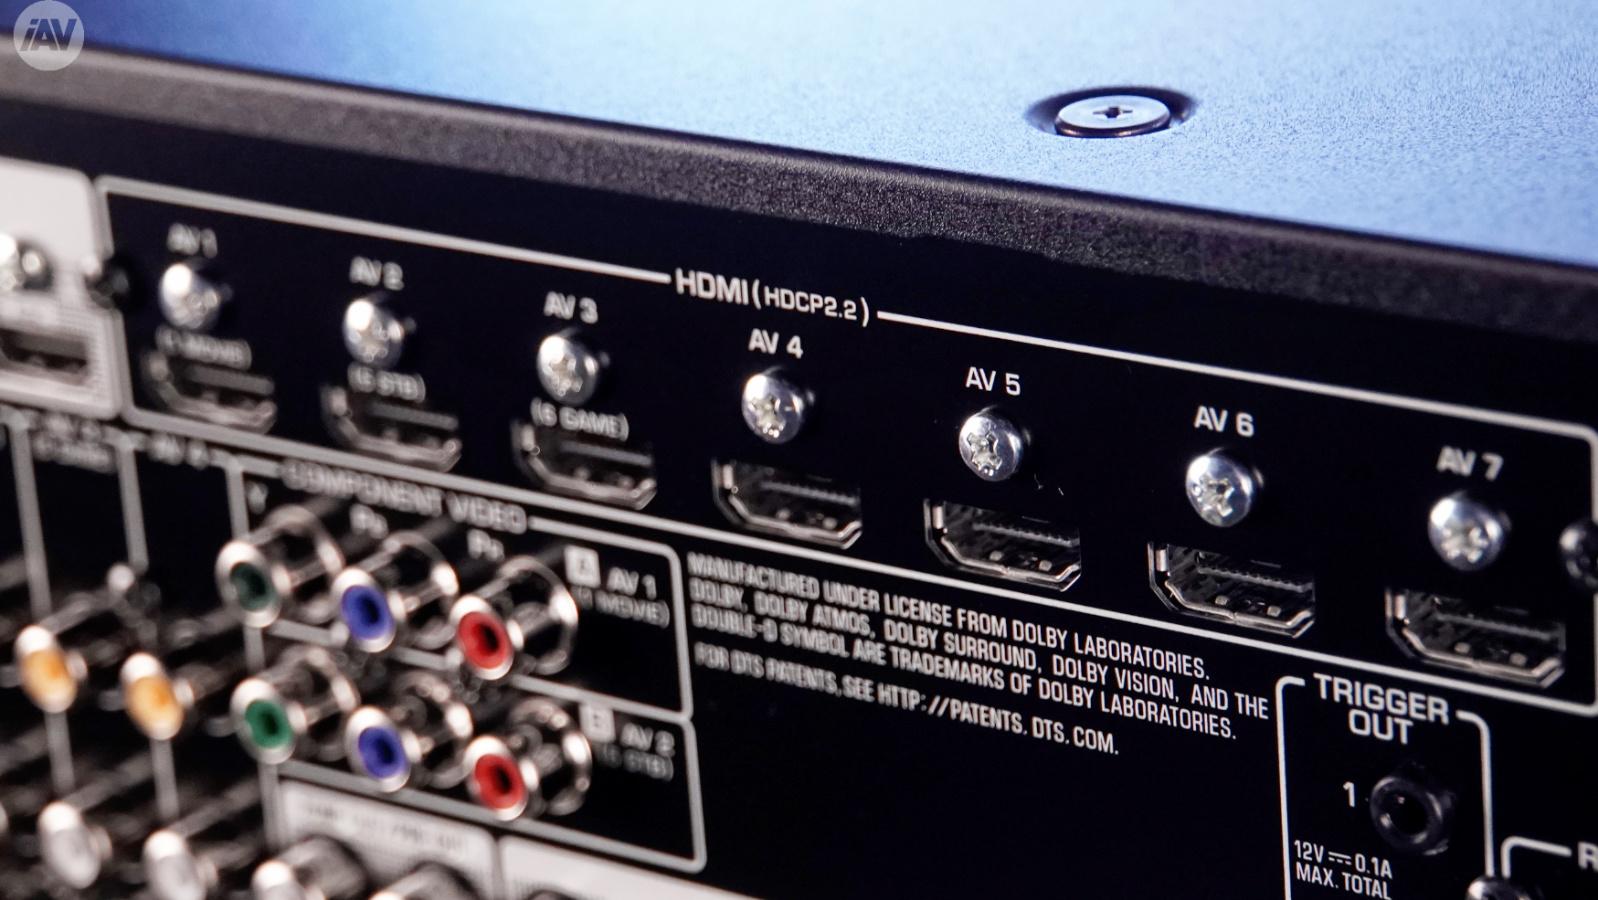 """推荐 """"让电影音效强化的SURROUND:ai,所有电影都要重新看一遍了""""YAMAHA AVENTAGE RX-A3080 AV放大器!"""